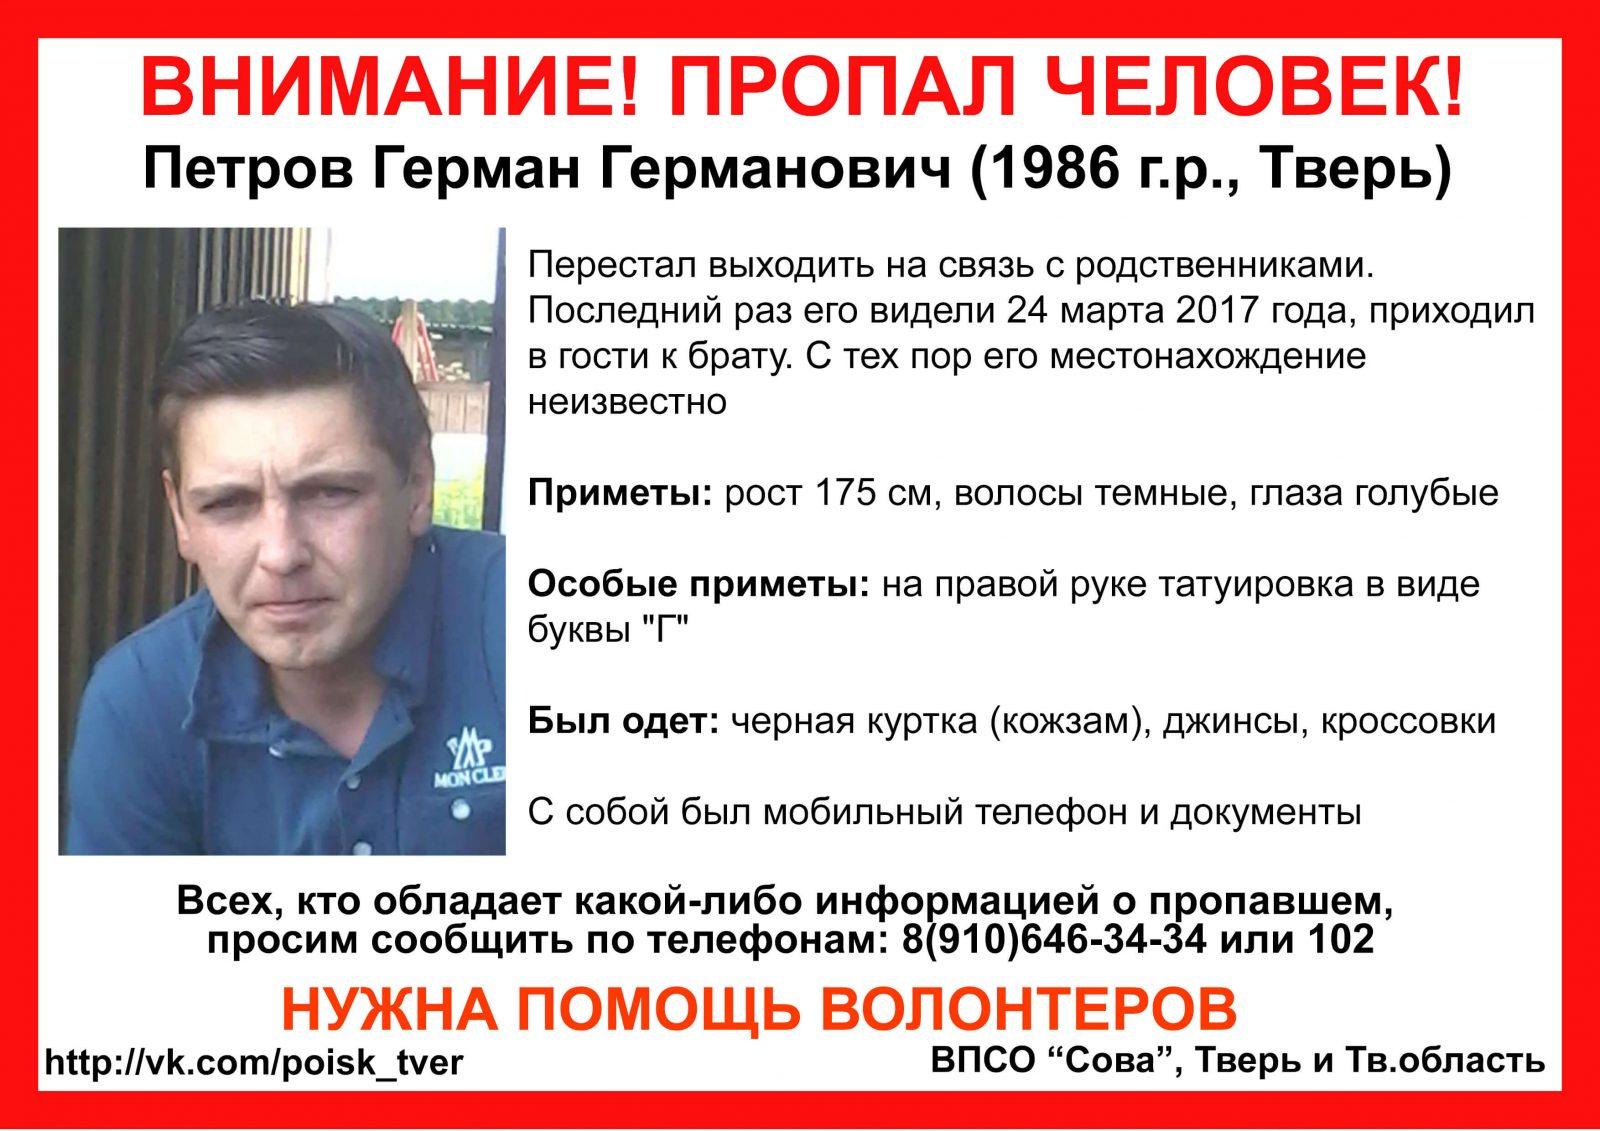 Следственный комитет проводит проверку по факту пропажи Германа Петрова